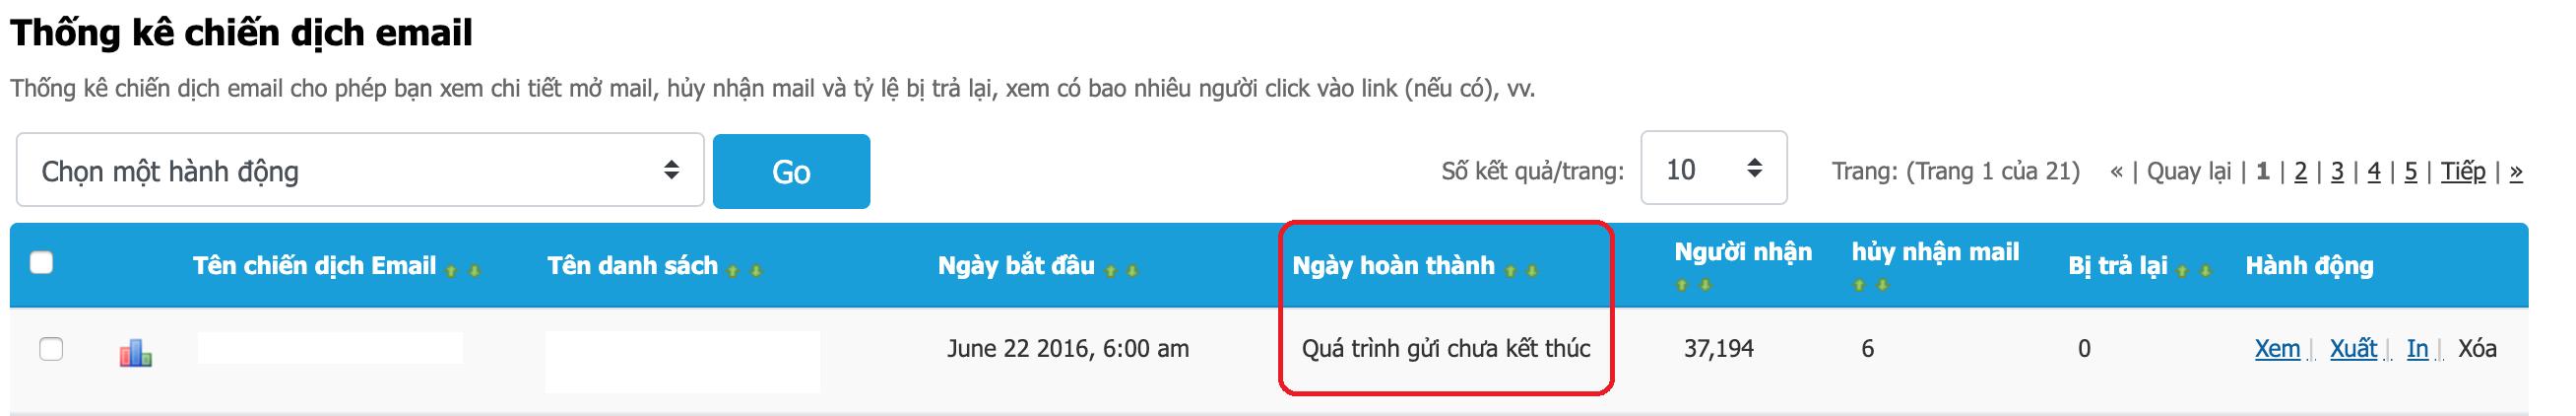 Chiến dịch Email Marketing bị chặn trên phần mềm Zetamail